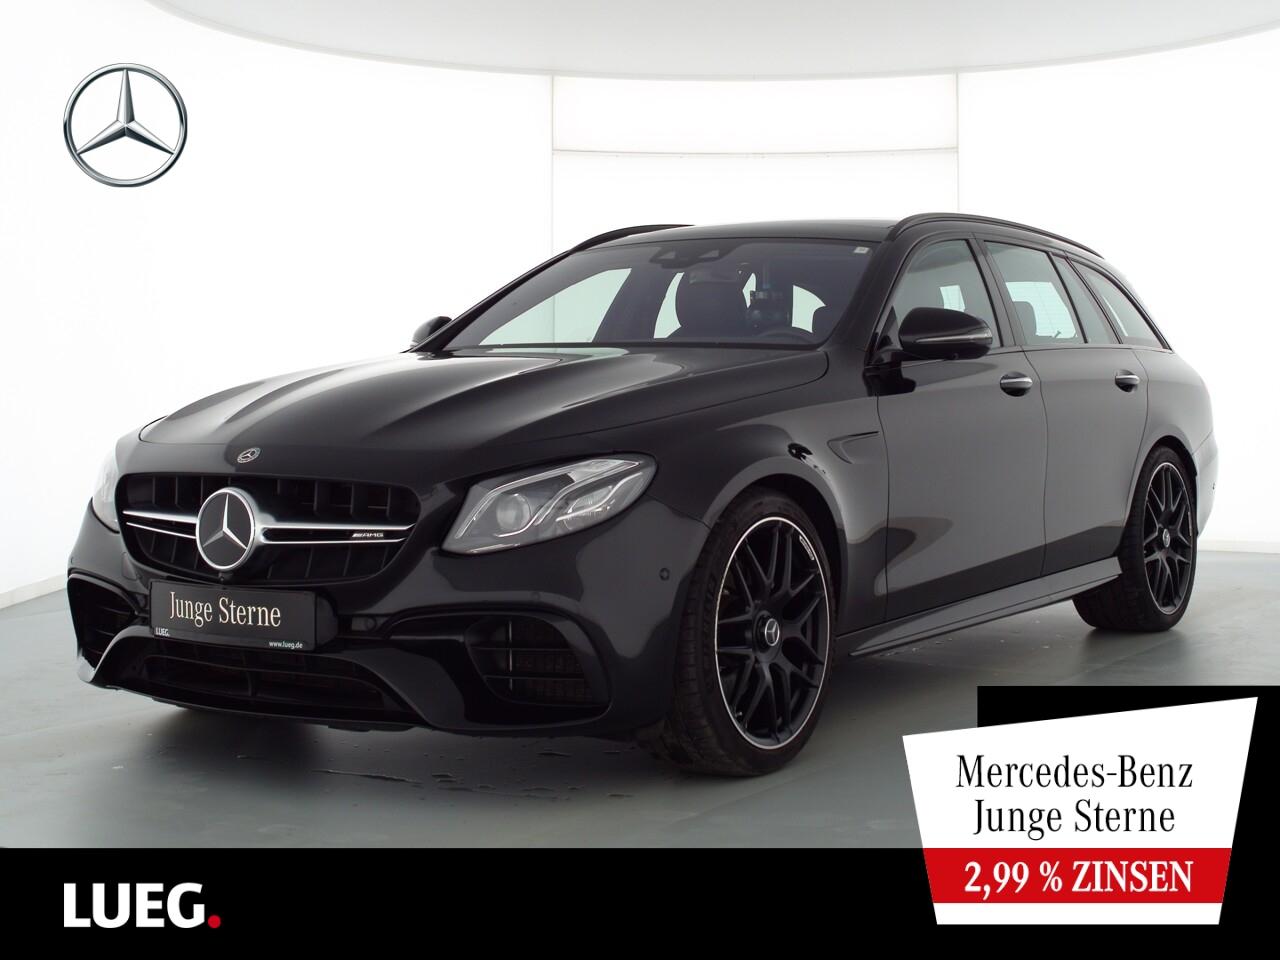 Mercedes-Benz E 63 AMG T 4M COM+Pano+Burm+Mbeam+Sitzkl+20''+36, Jahr 2018, Benzin